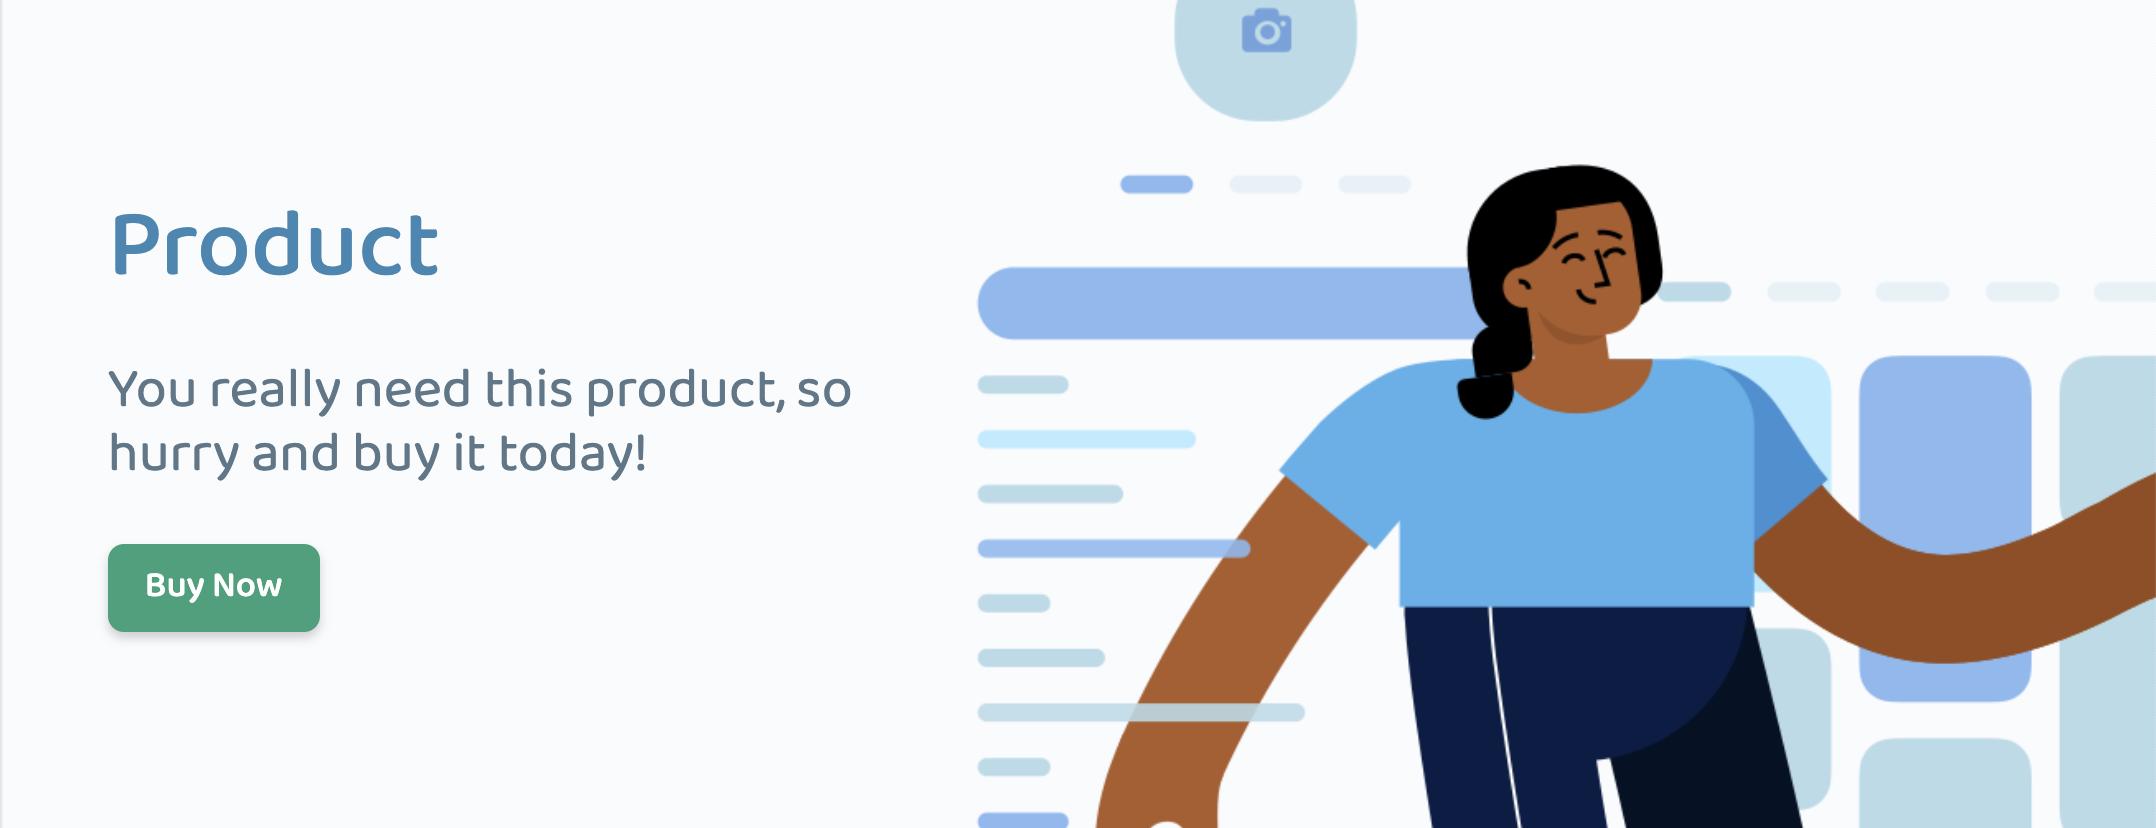 marketing hero desktop finalized